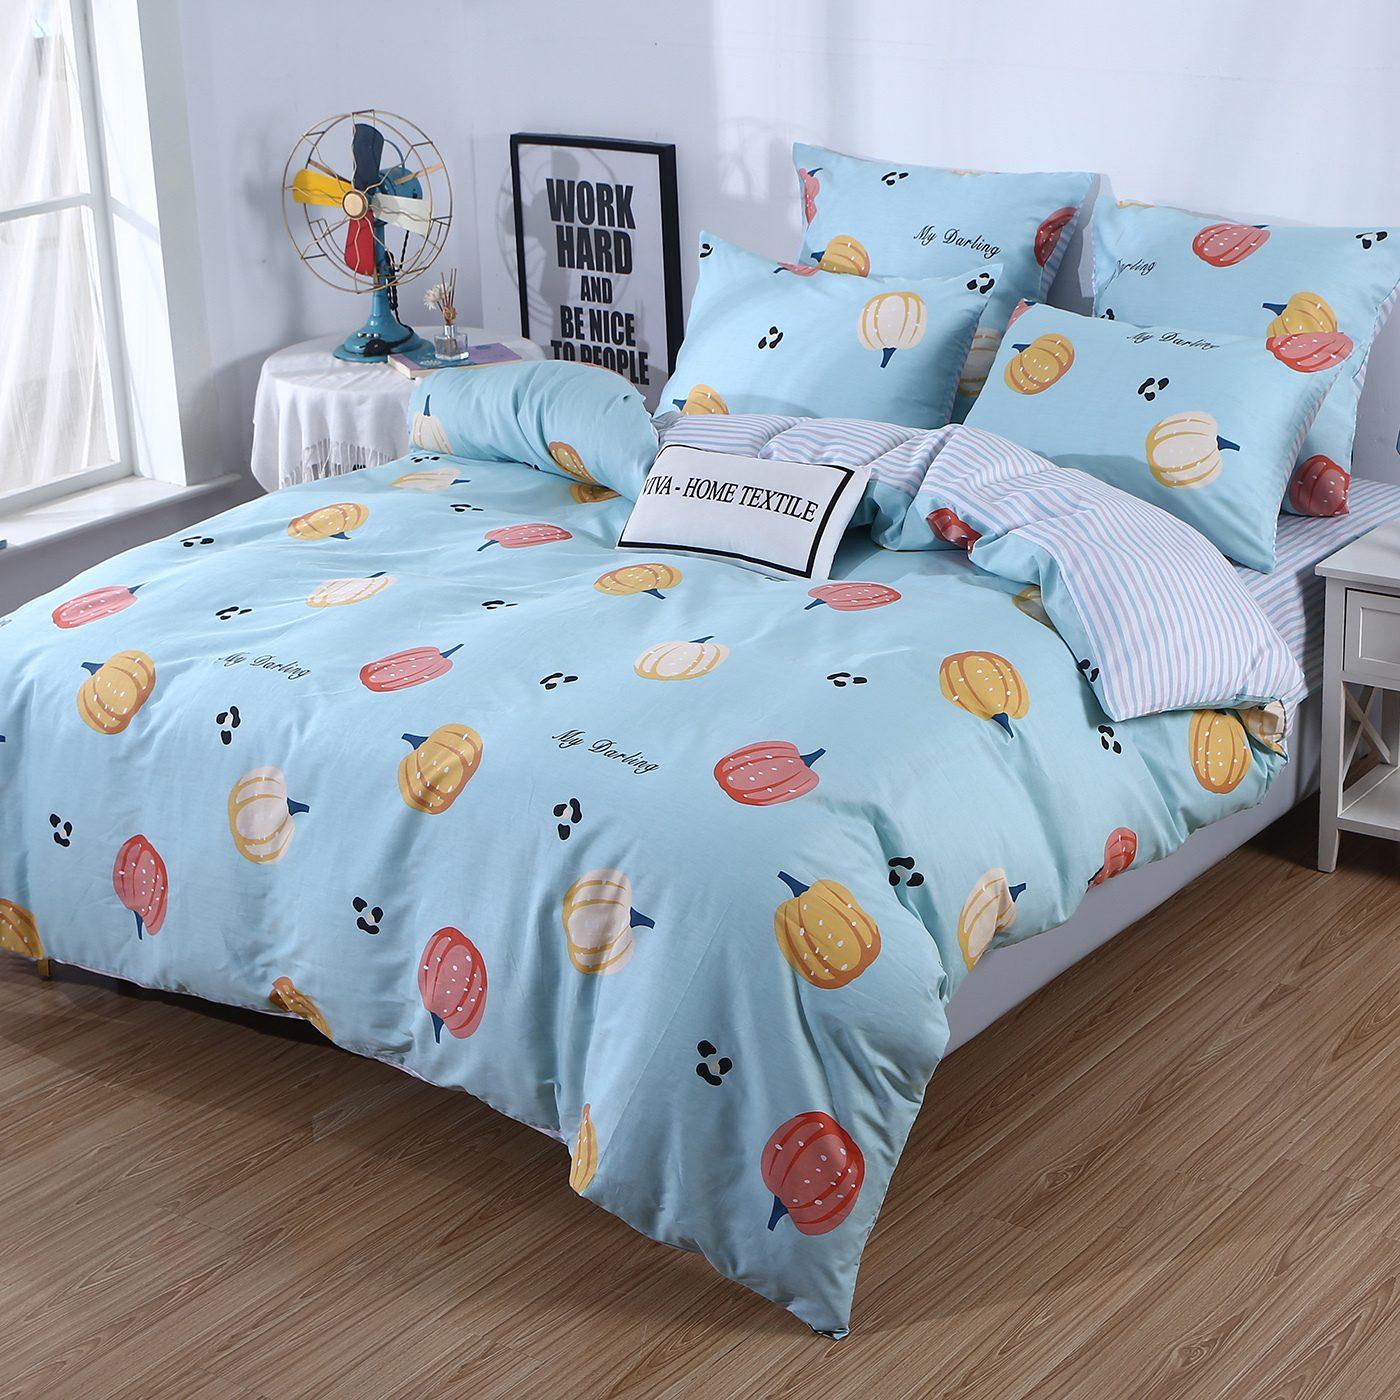 Комплект постельного белья Сатин 100% хлопок C463